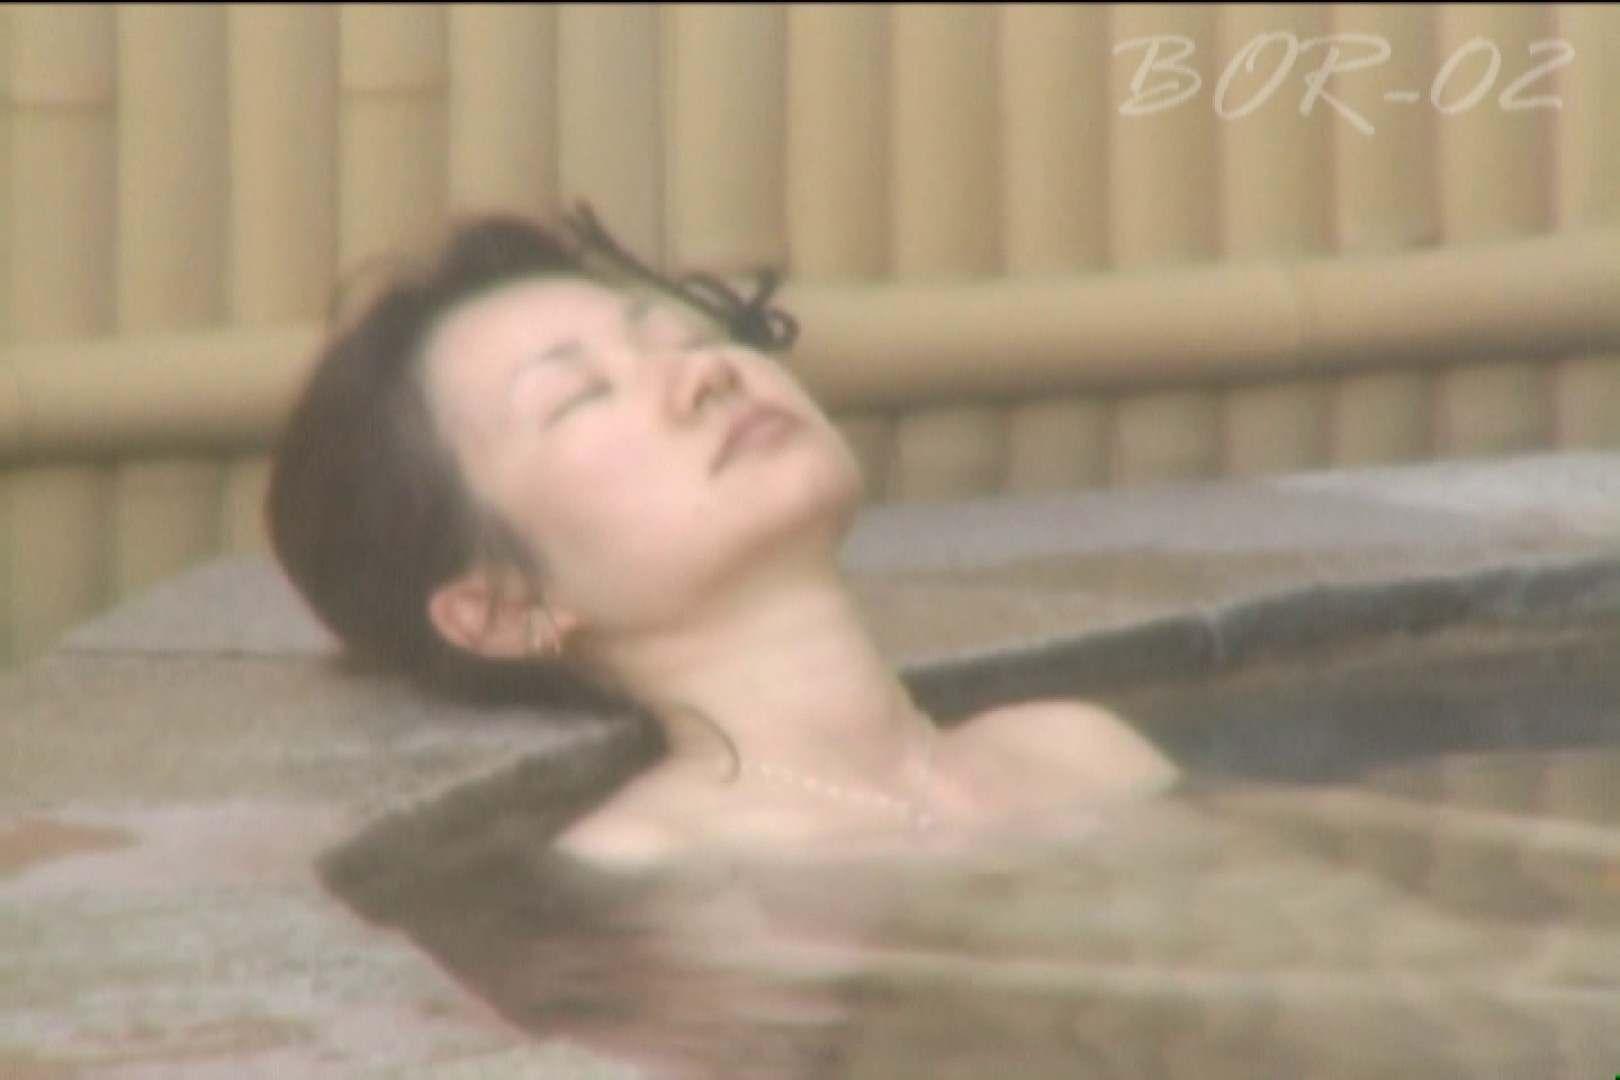 Aquaな露天風呂Vol.477 美しいOLの裸体   盗撮師作品  90pic 58